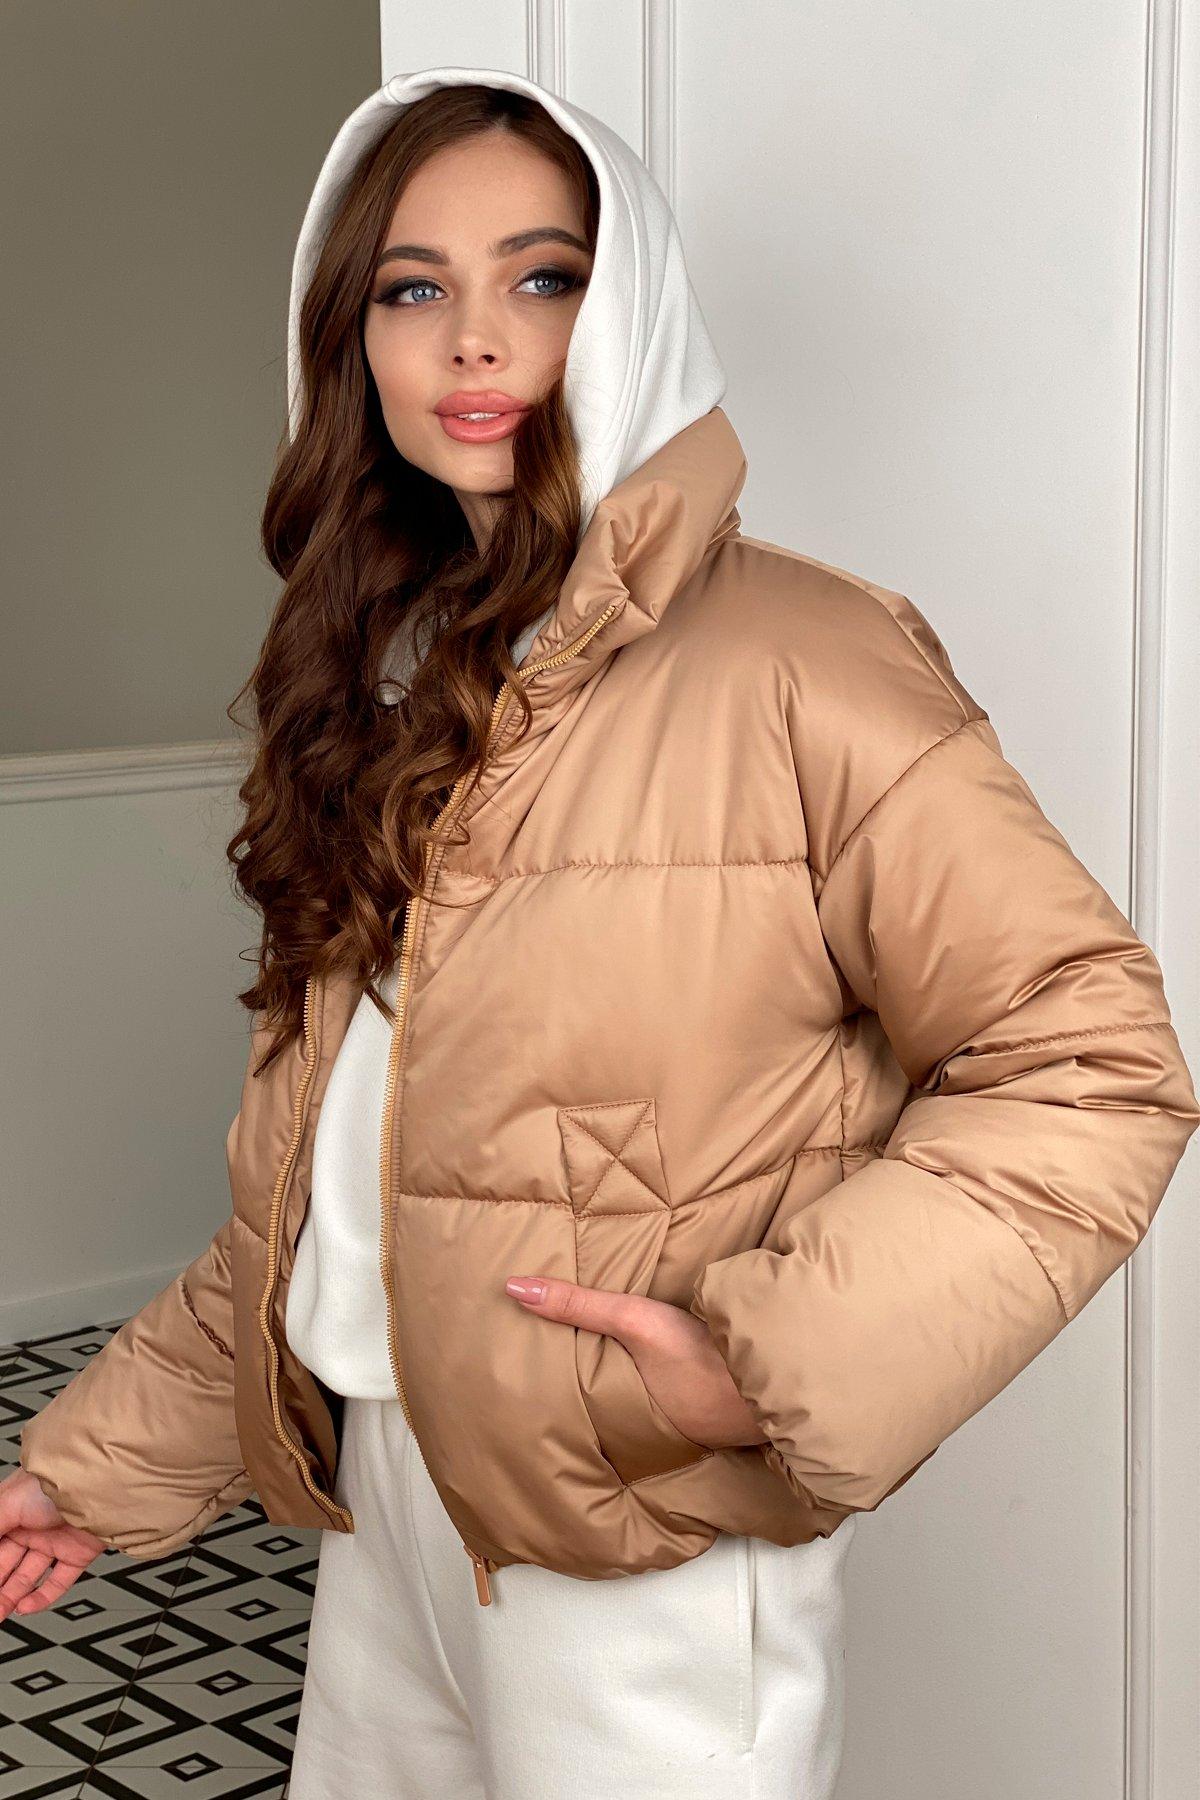 Драйв куртка из плащевой матовой ткани  10232 АРТ. 46523 Цвет: Кемел - фото 2, интернет магазин tm-modus.ru